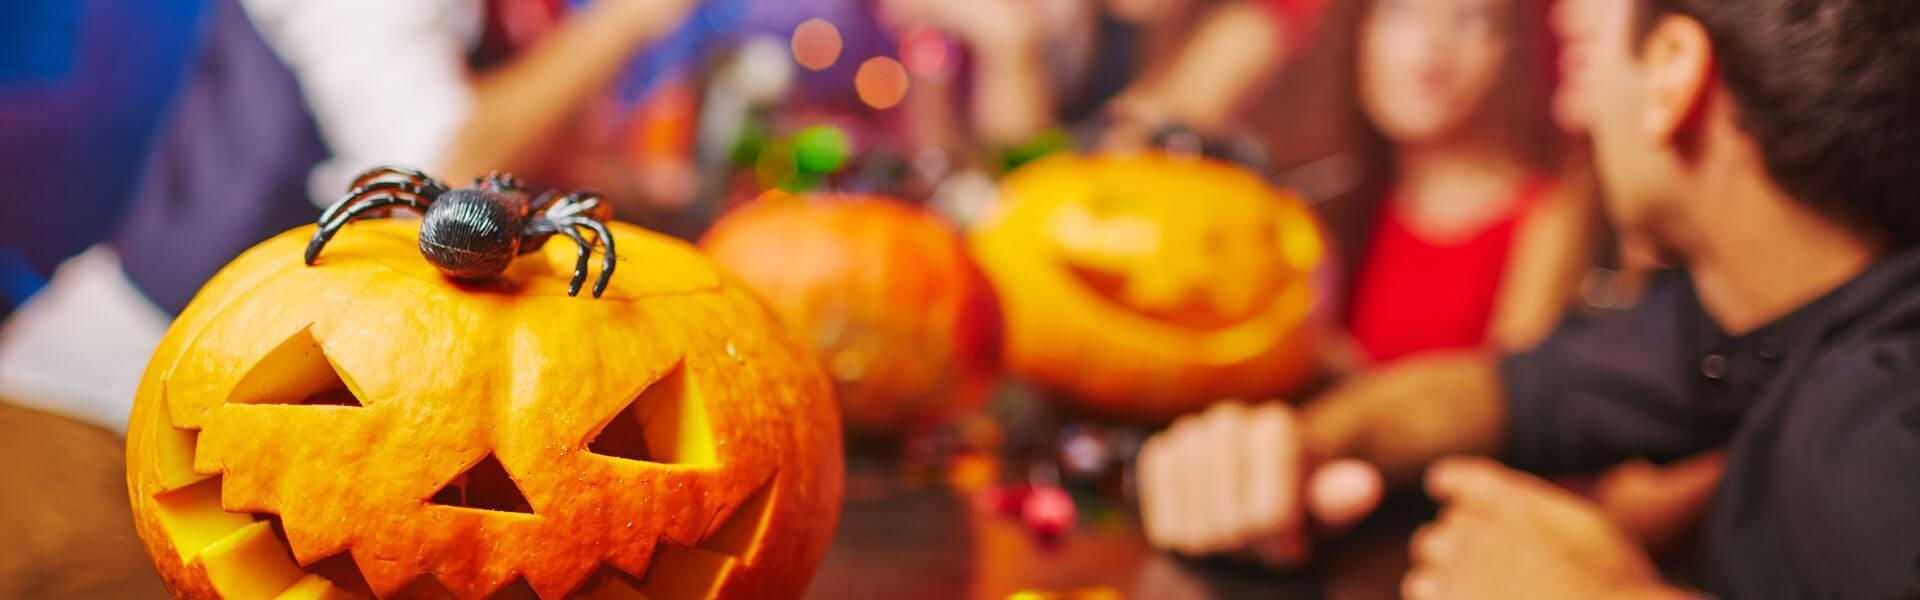 Aufregende Halloween Motto Party mit Dekoration und schaurig-schönem Entertainment von b-ceed